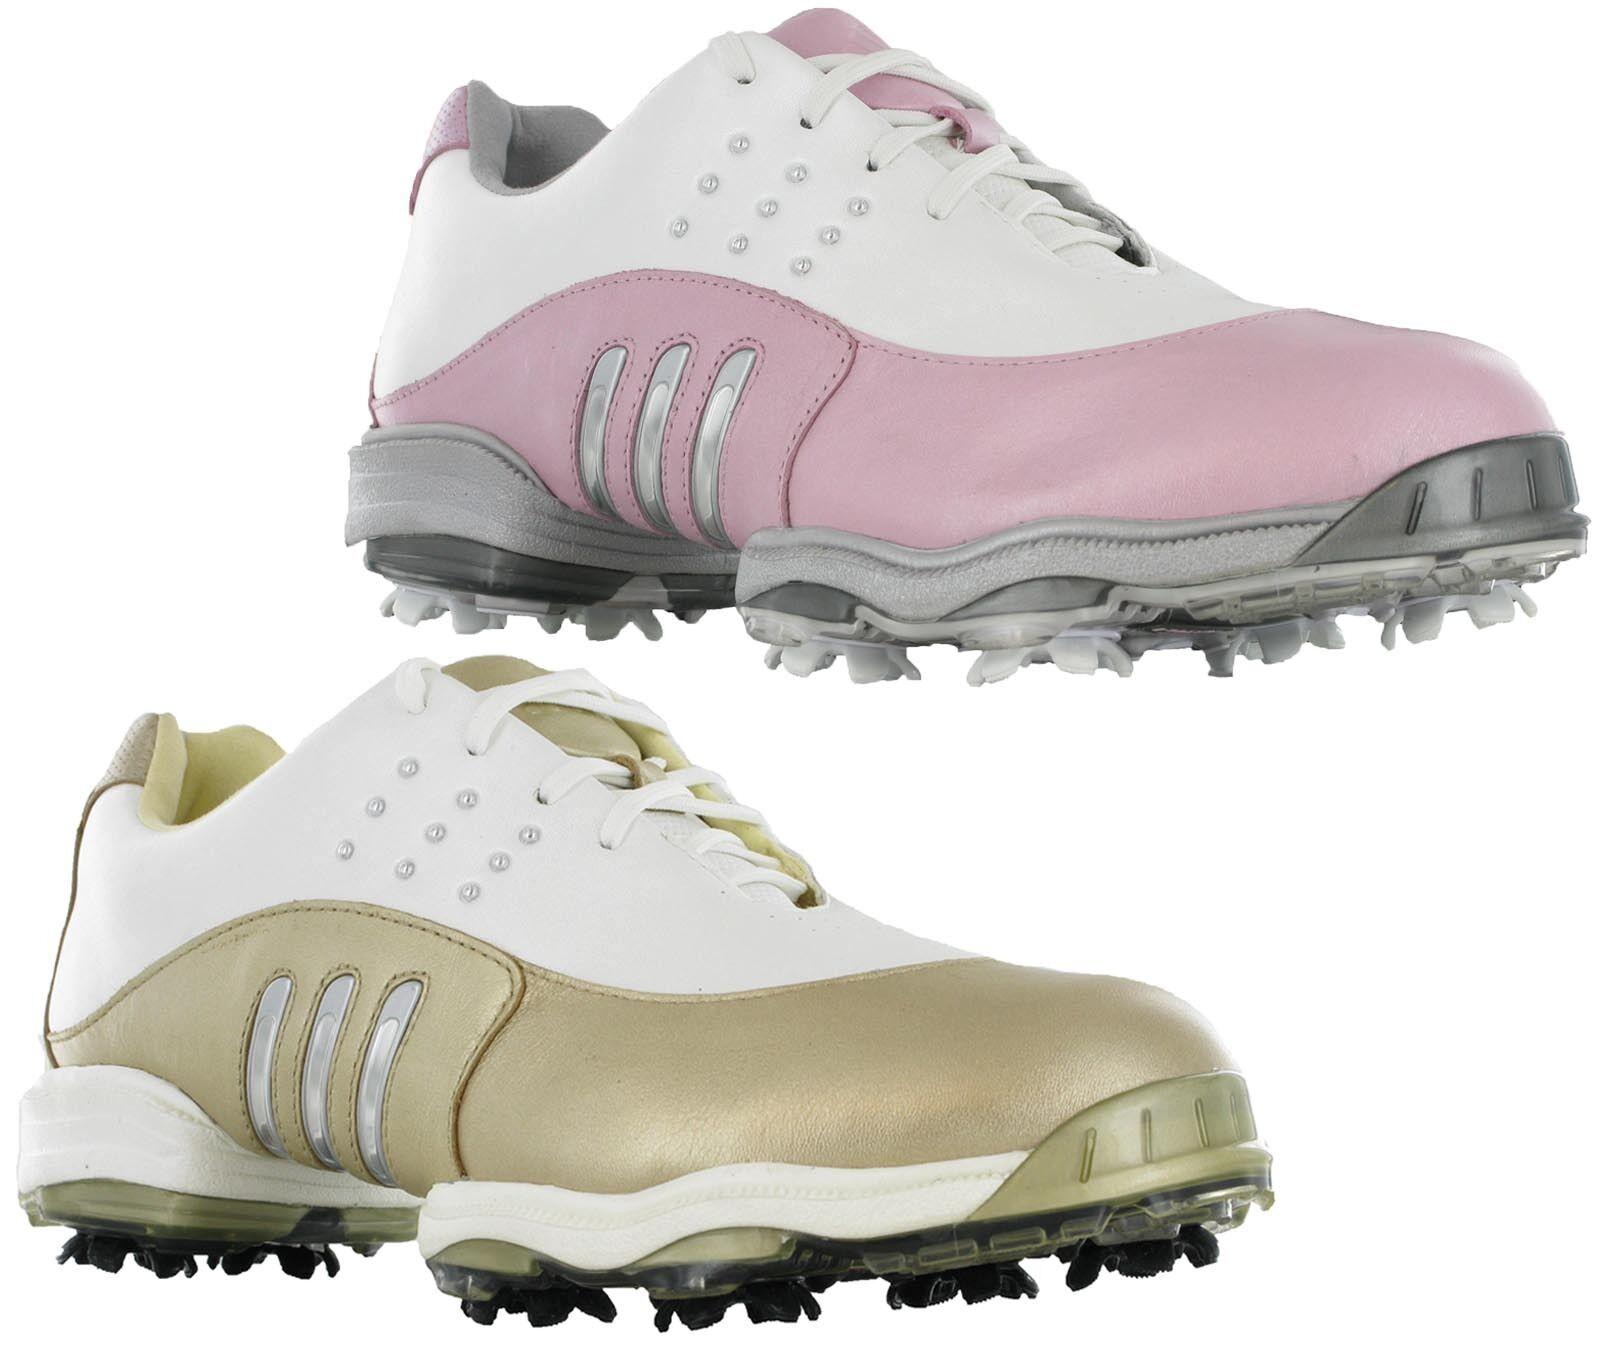 Adidas golf tour metall leder adiprene spike z for Johnny boden damen